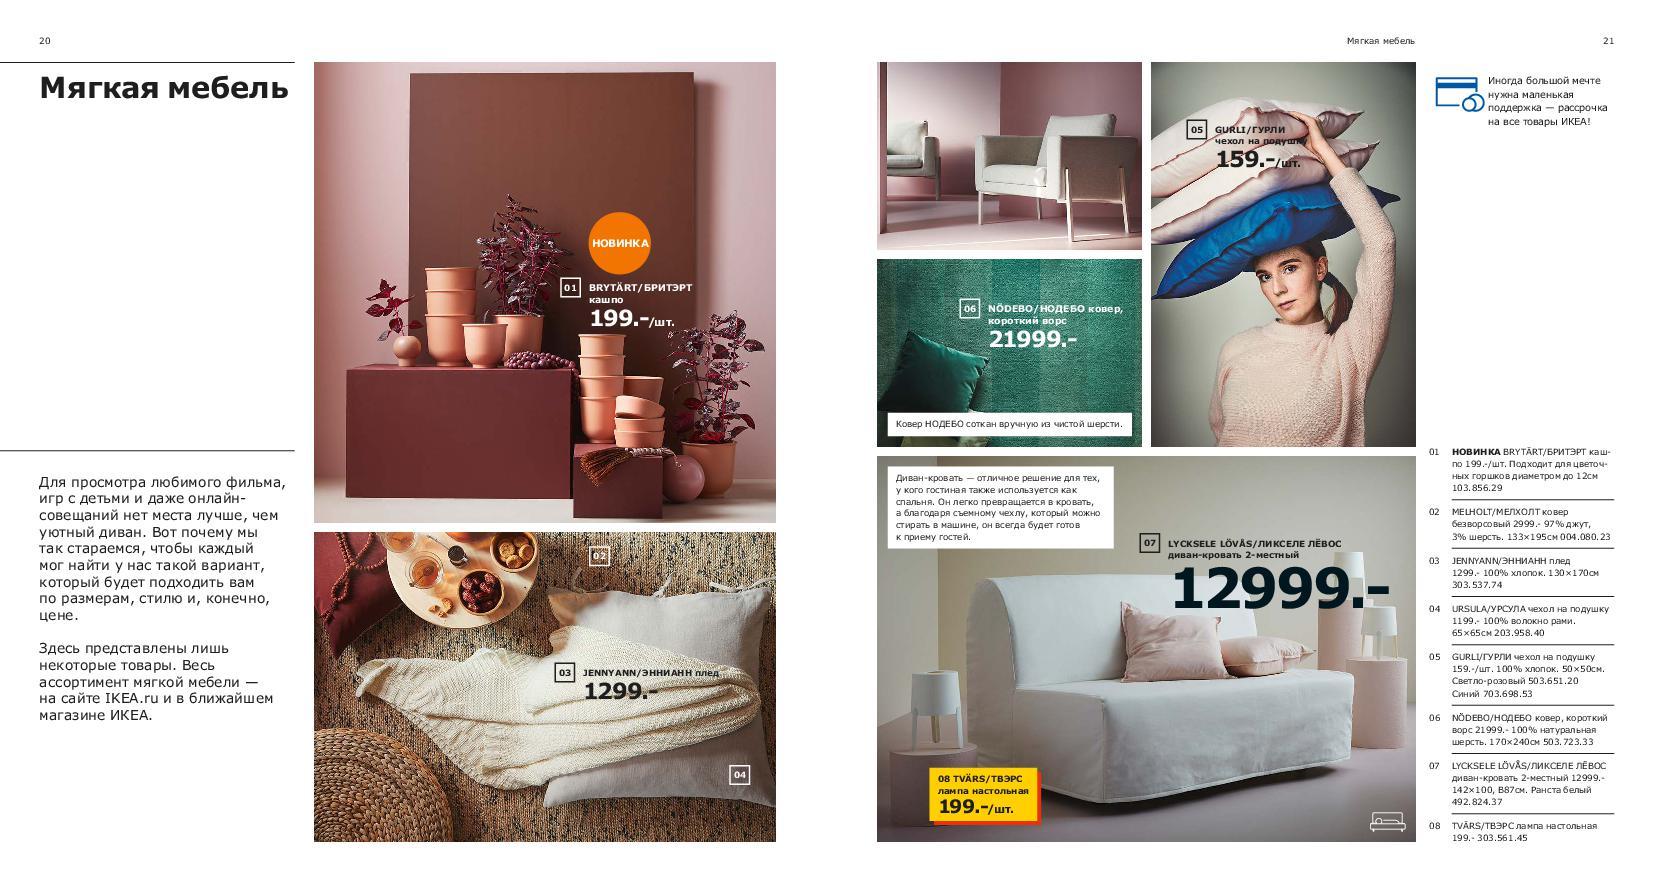 IKEA_catalogue_2019-11